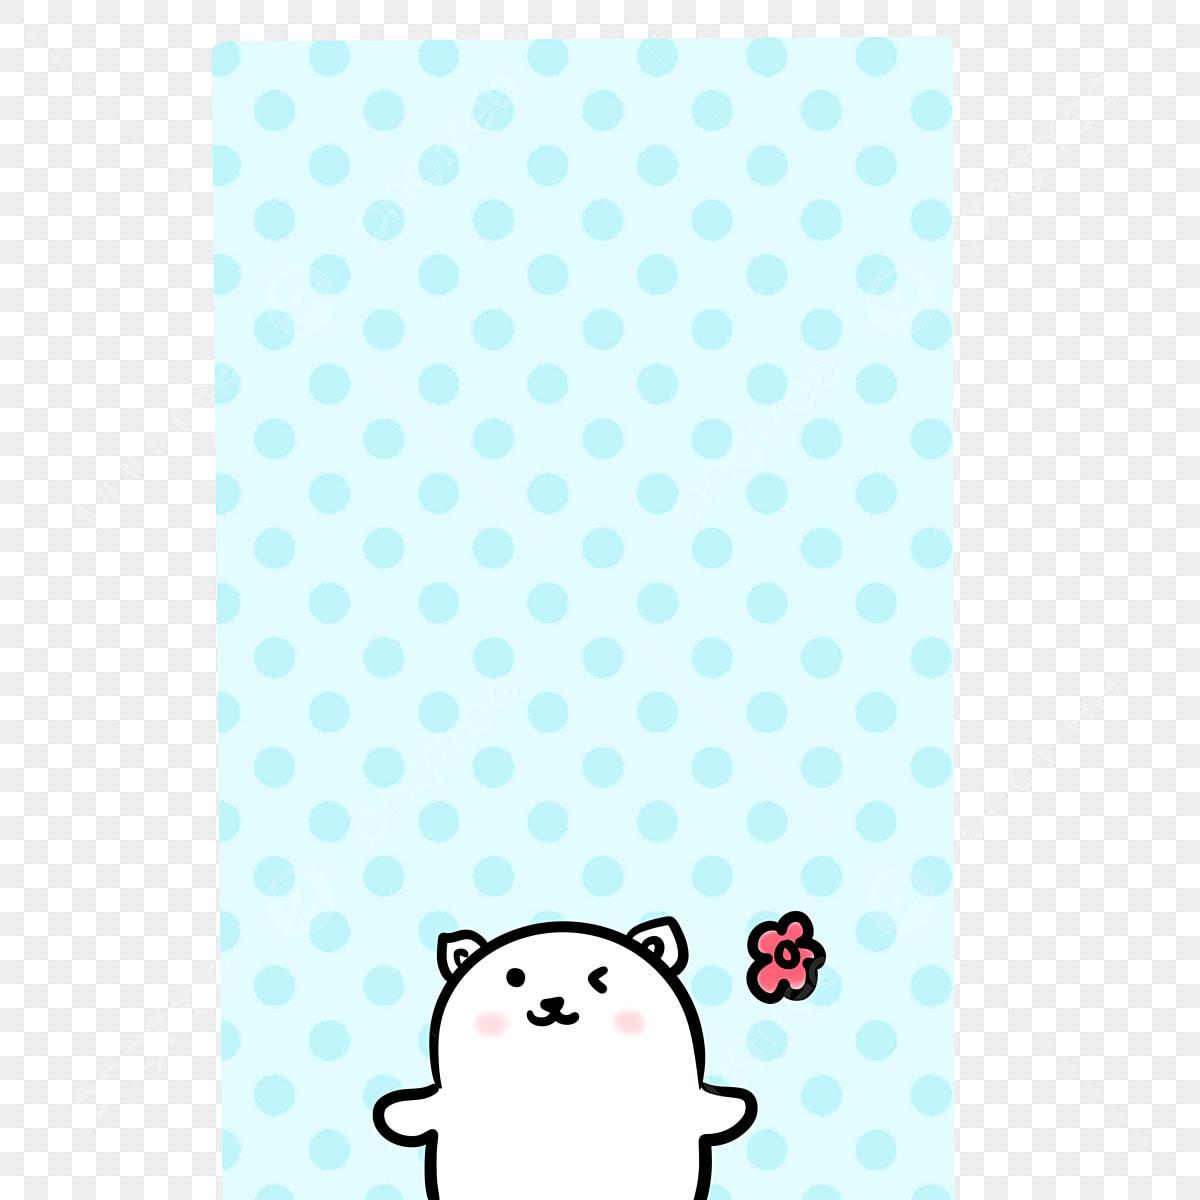 かわいい 新鮮 子猫 壁紙 子猫 壁紙 かわいい画像とpsd素材ファイル